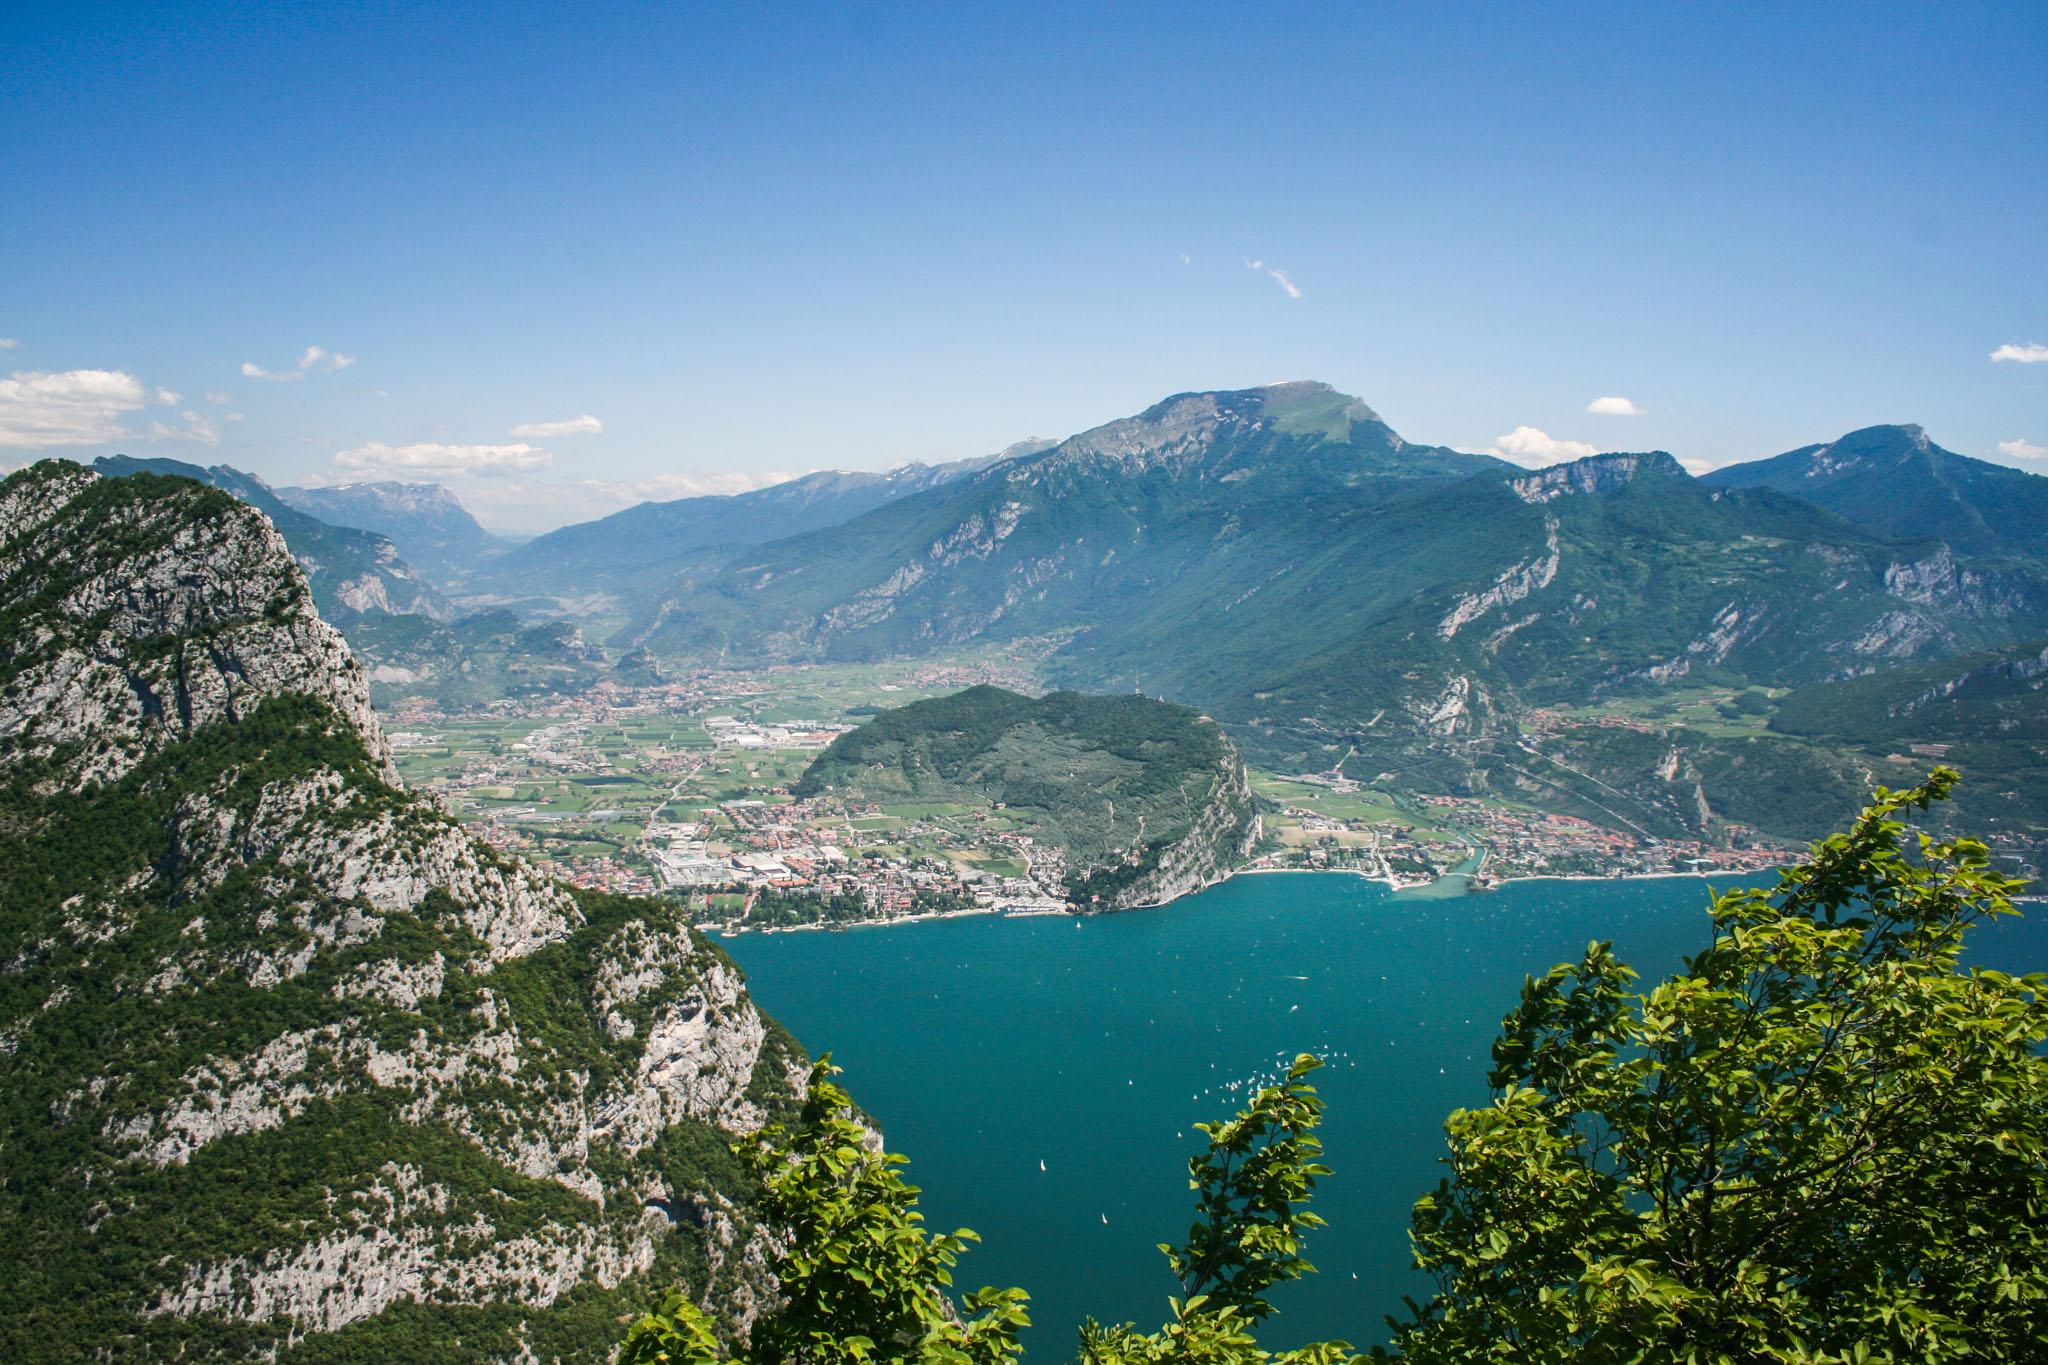 Blick vom Nodice zum Ponale, auf Riva del Garda und den Monte Brione